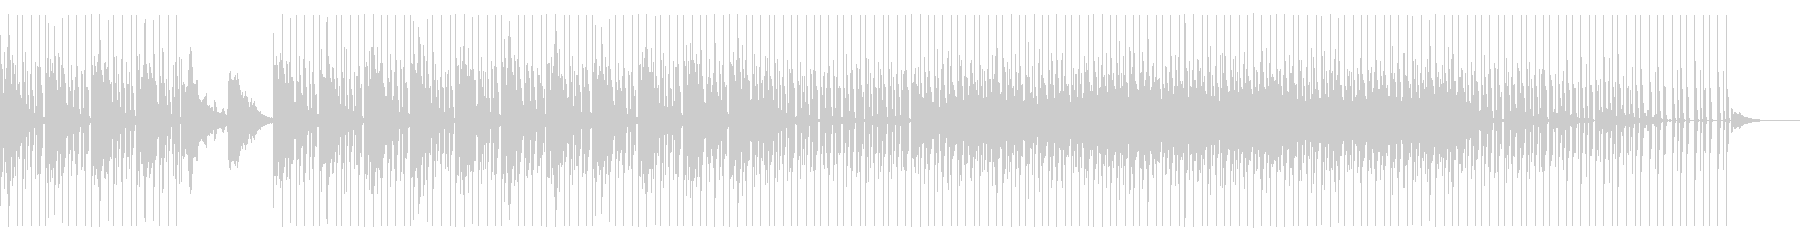 ミニマル系なクールビートとシンセサウンドの未再生の波形